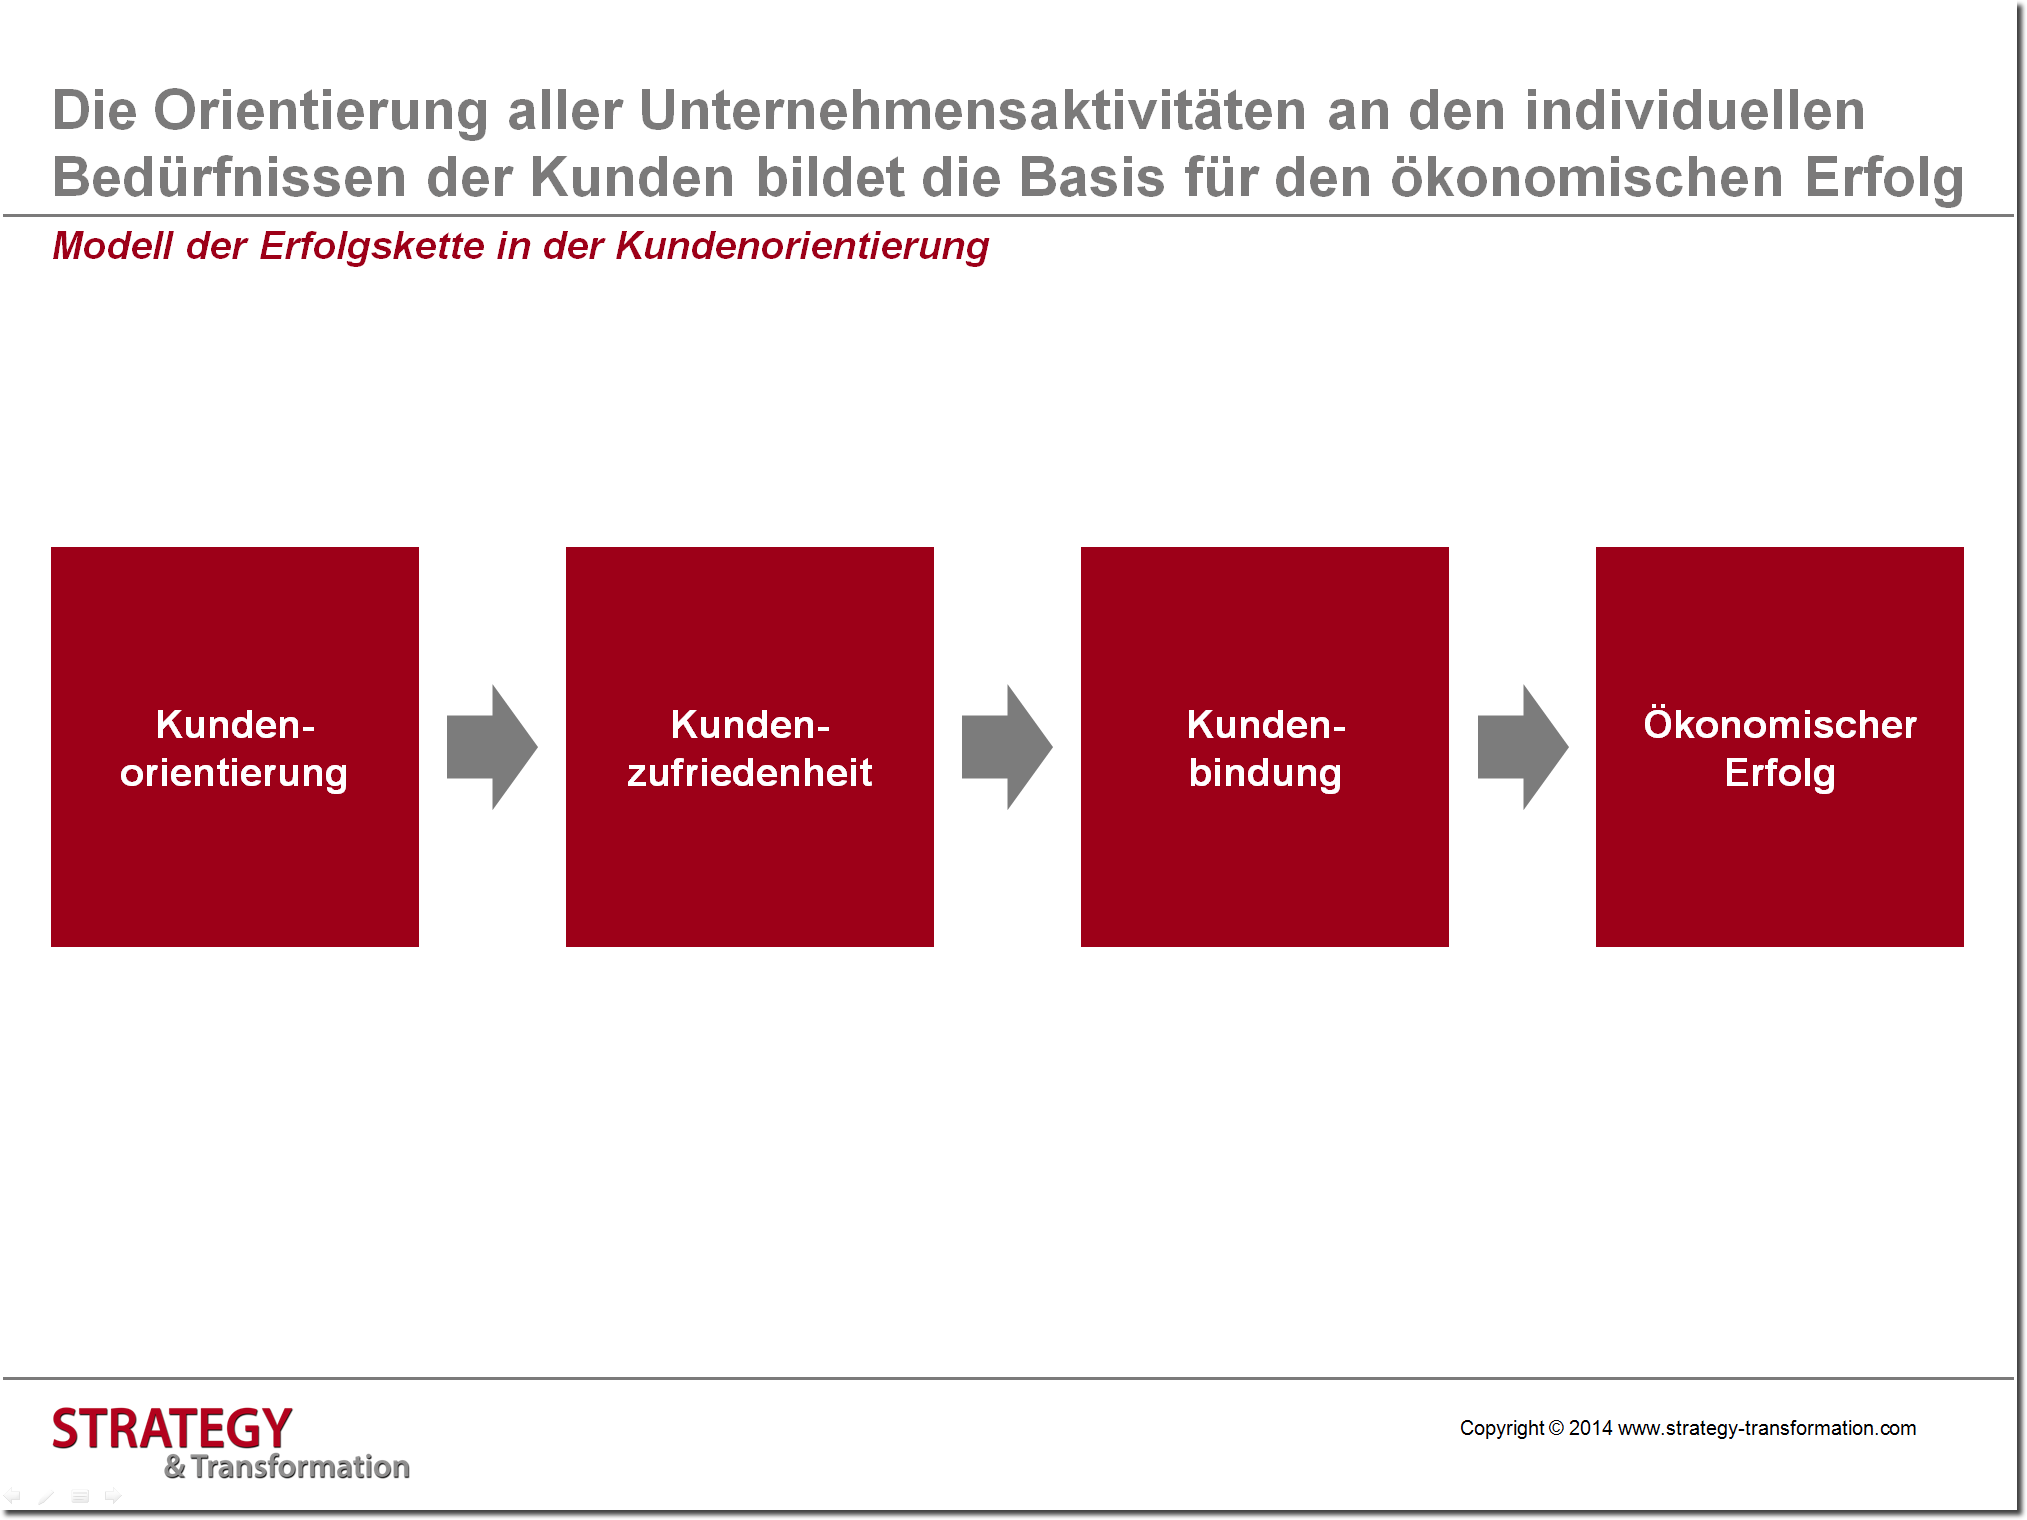 Kundenorientierung: Modell der Erfolgskette